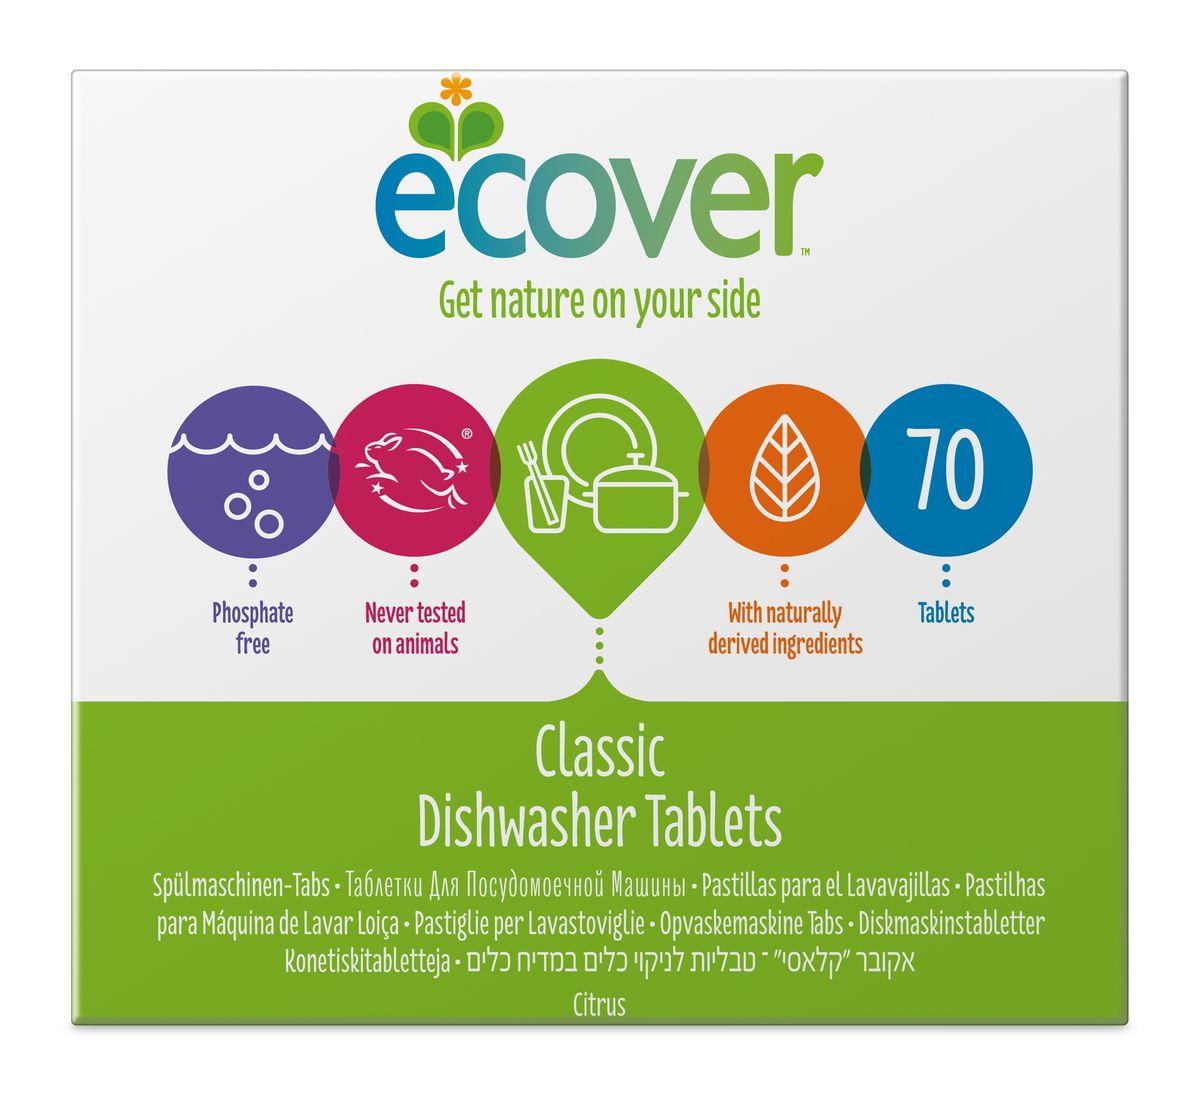 Экологические таблетки для посудомоечной машины Ecover, 70 шт00593Эффективное и экологически чистое средство Ecover для автоматического мытья посуды. Прекрасно удаляет загрязнения и жиры, оставляя посуду чистой и придавая ей блеск, не оставляя после себя никаких следов. Предотвращает образование известковых отложений на посуде и нагревательных элементах посудомоечной машины за счет использования быстроразлагаемых полипептидов. Каждая таблетка имеет индивидуальную упаковку. Не содержит синтетических ароматизаторов и хлора! Содержит энзимы (не ГМО). Обладает легким натуральным ароматом лимона. Подходит для использования в домах с автономной канализацией. Не наносит вреда любым видам септиков! Характеристики: Состав: 15-30% кислородный отбеливатель, цеолиты; Количество таблеток в упаковке: 70 шт. Вес: 1,4...